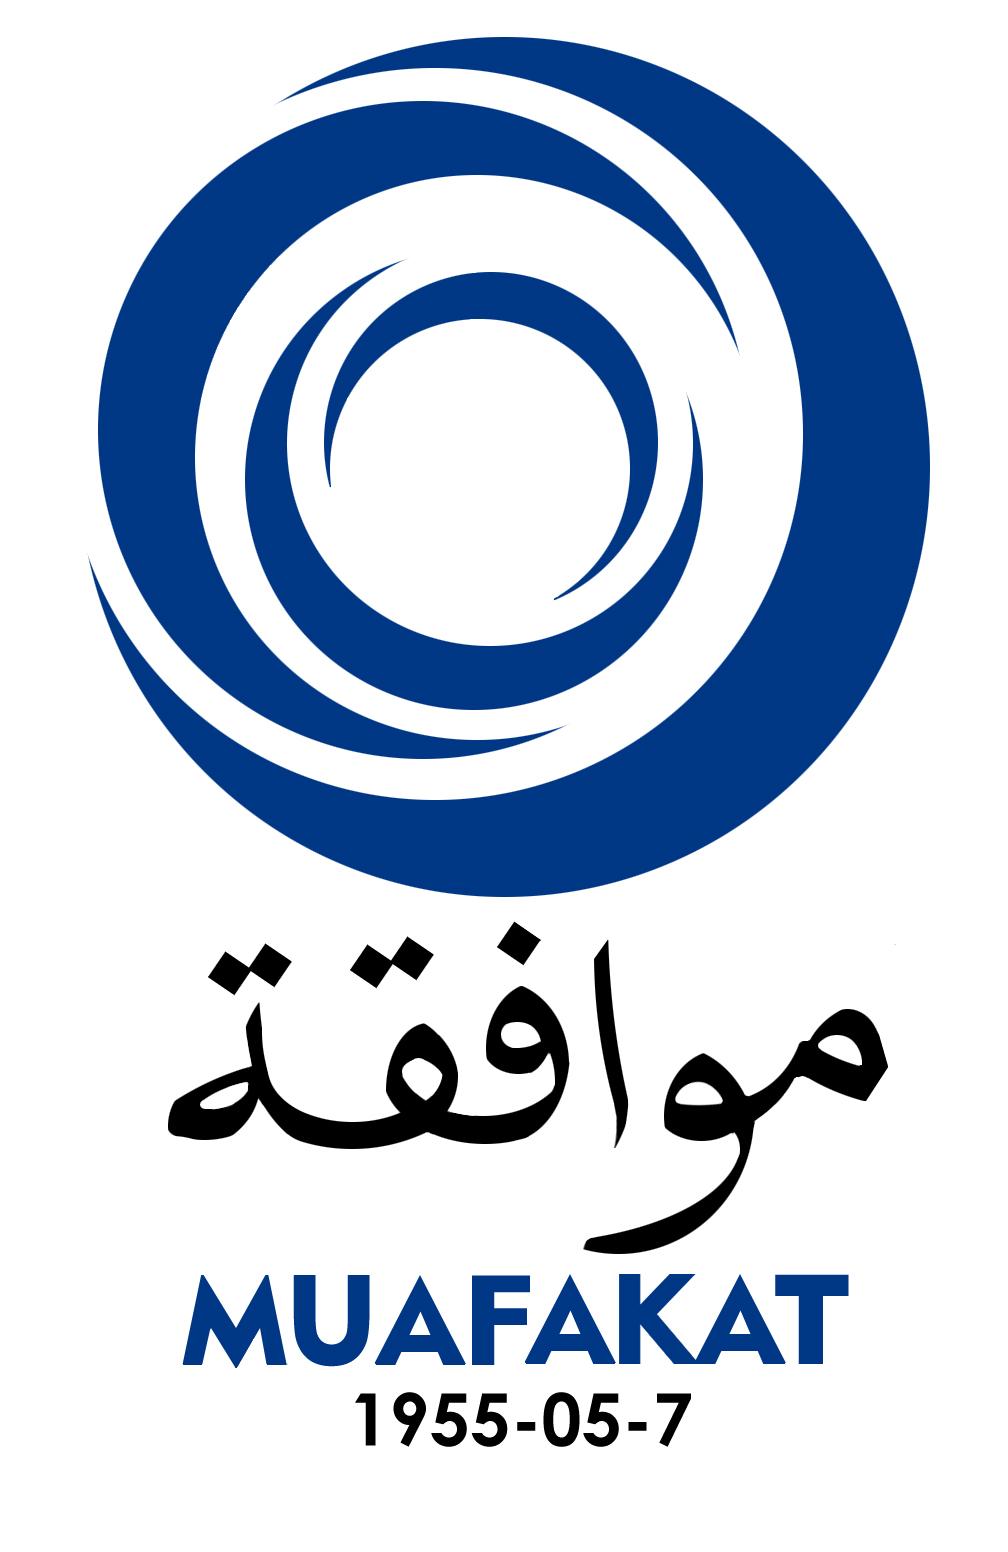 Muafakat